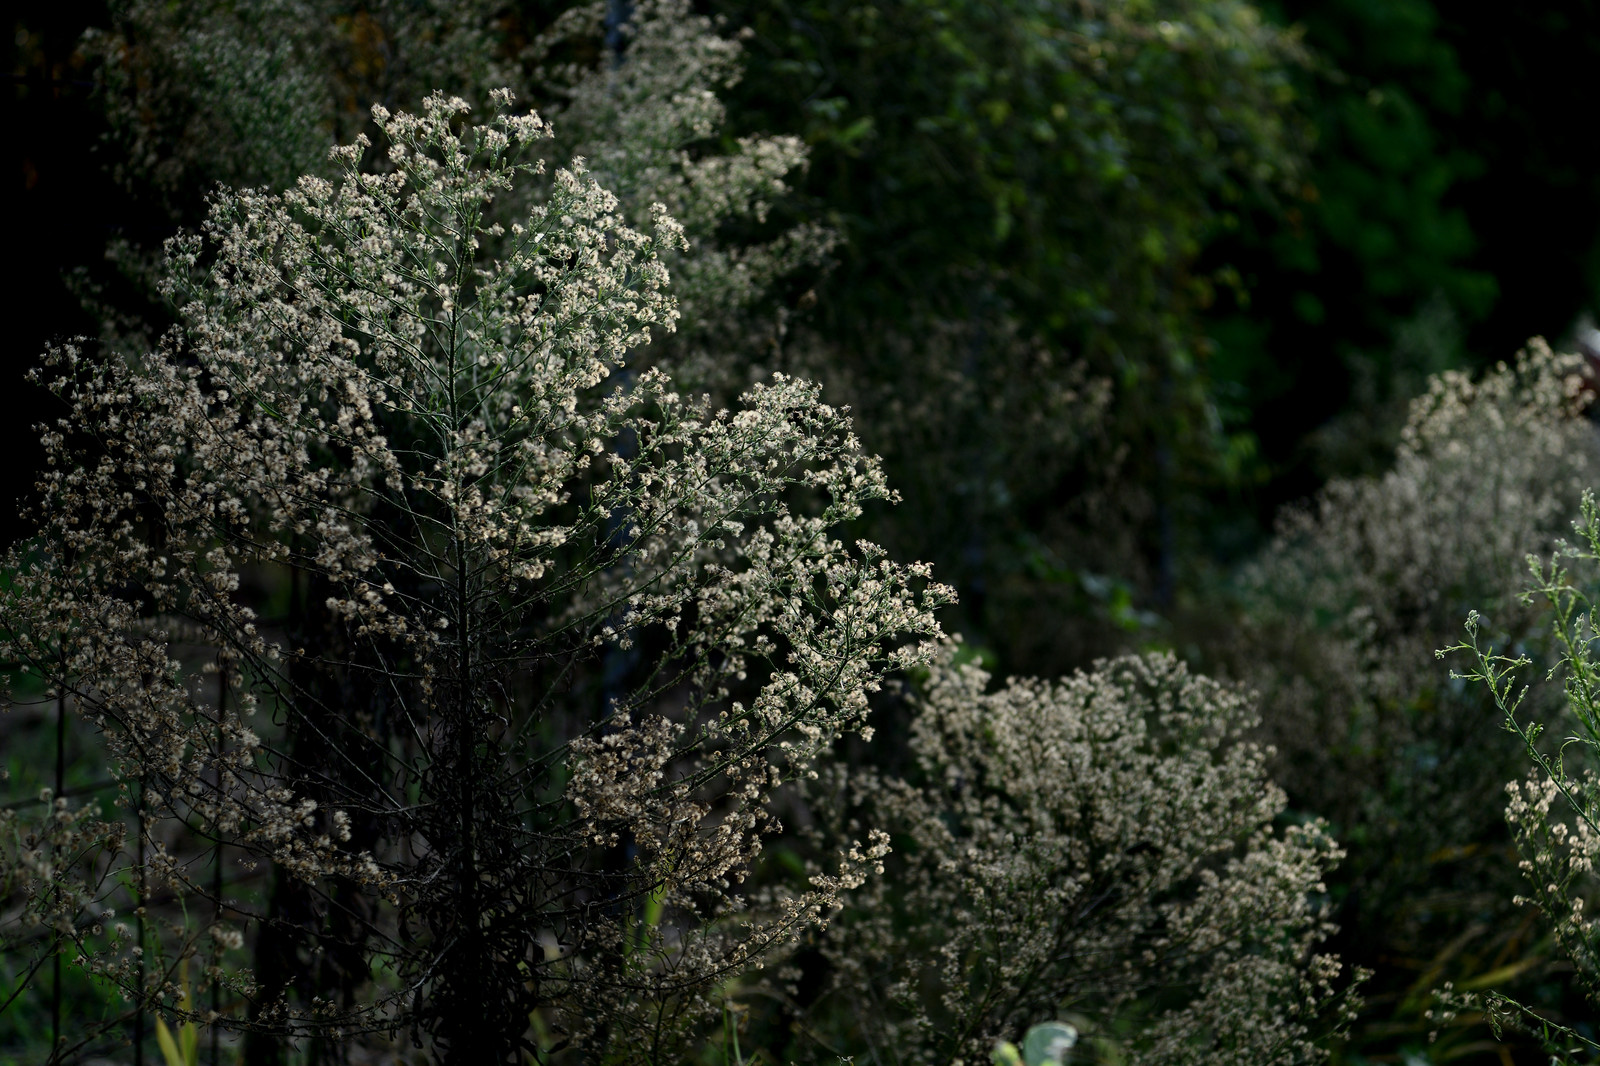 「道端に育つ綿毛のある植物」の写真